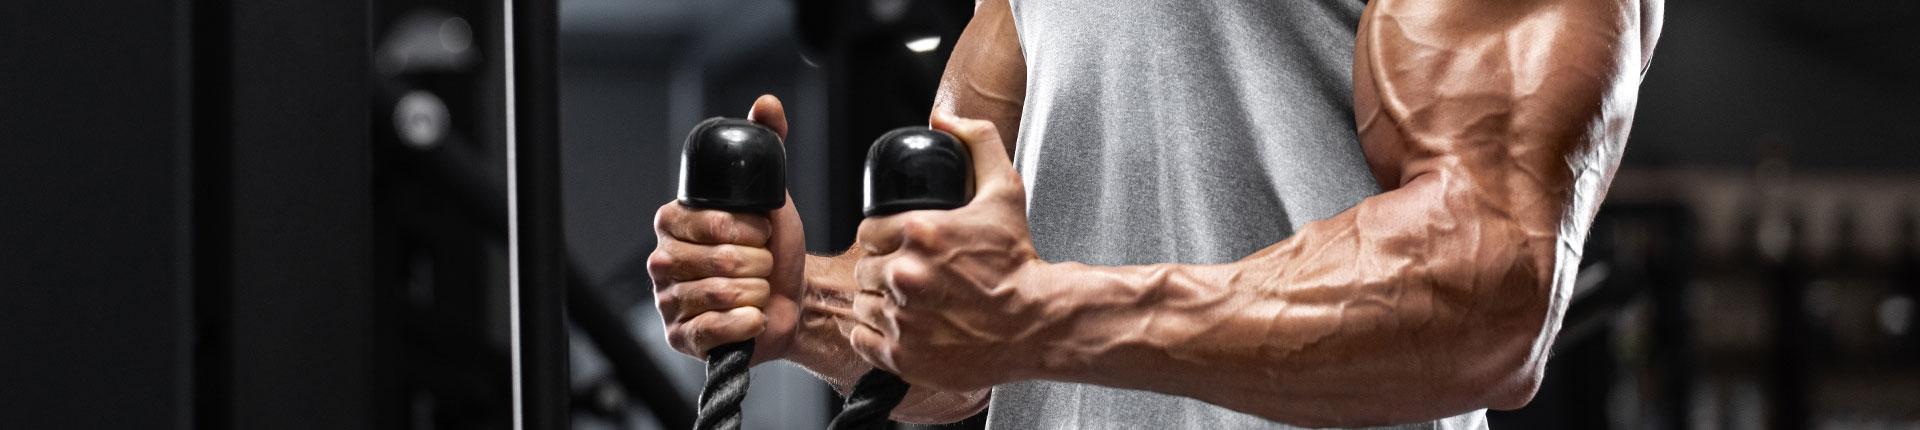 Jak łatwo przyspieszyć przyrost mięśni?